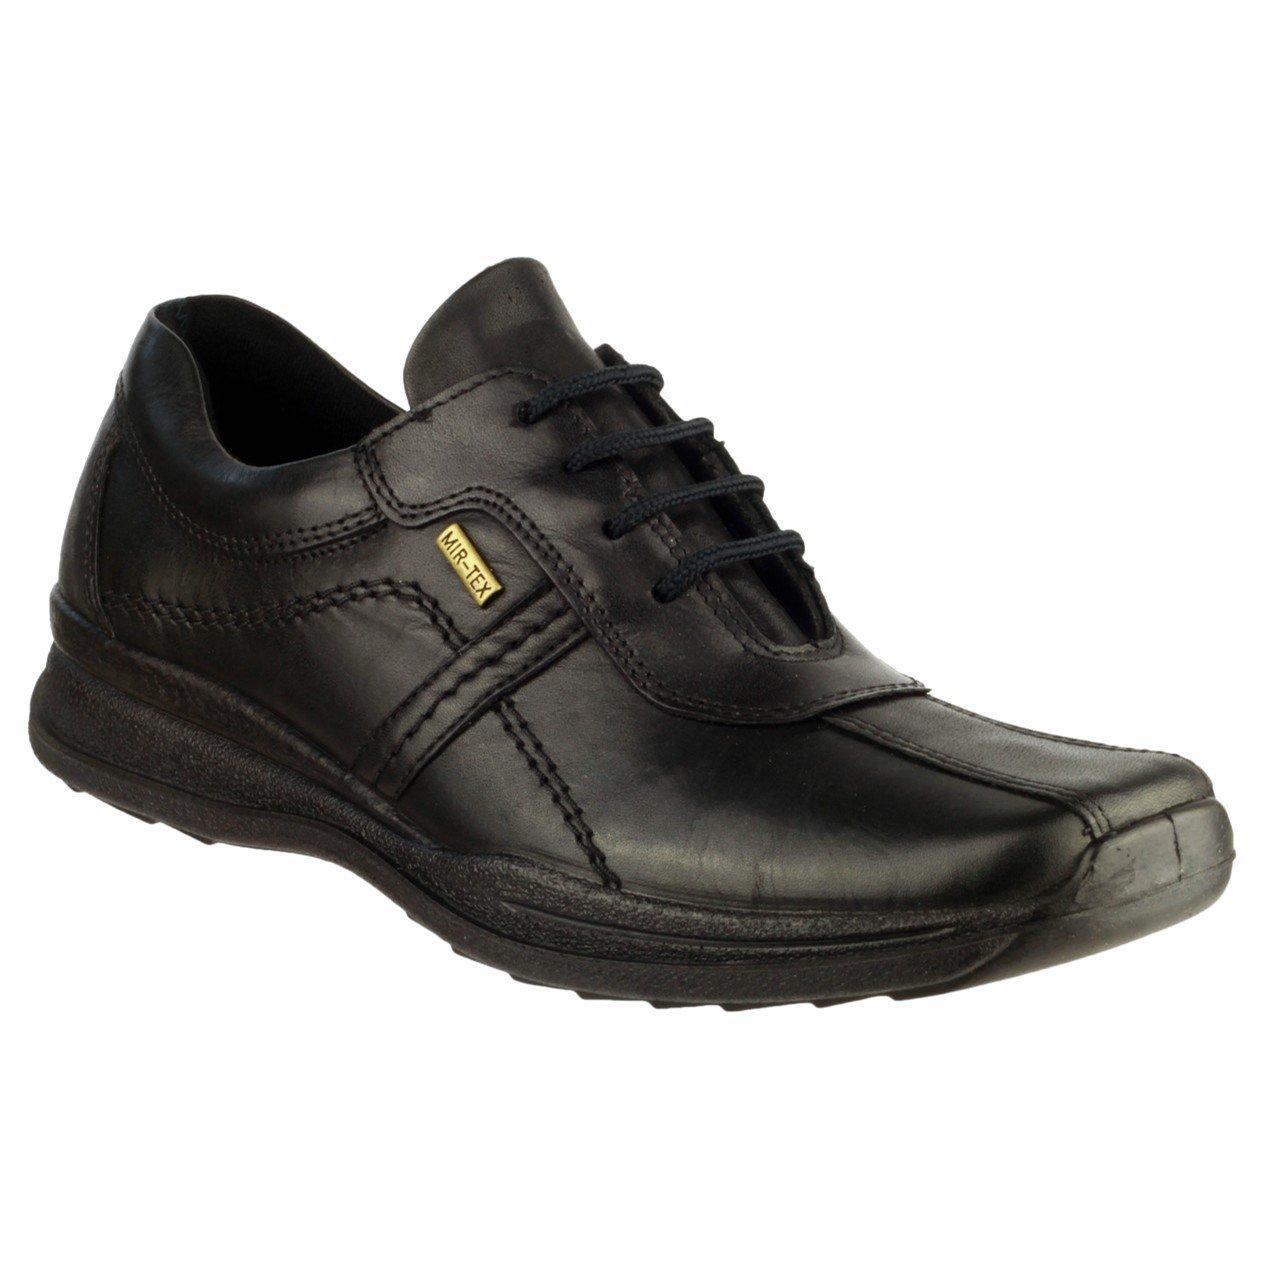 Cotswold Men's Cam 2 Lace Up Shoe Various Colours 32968 - Black 6